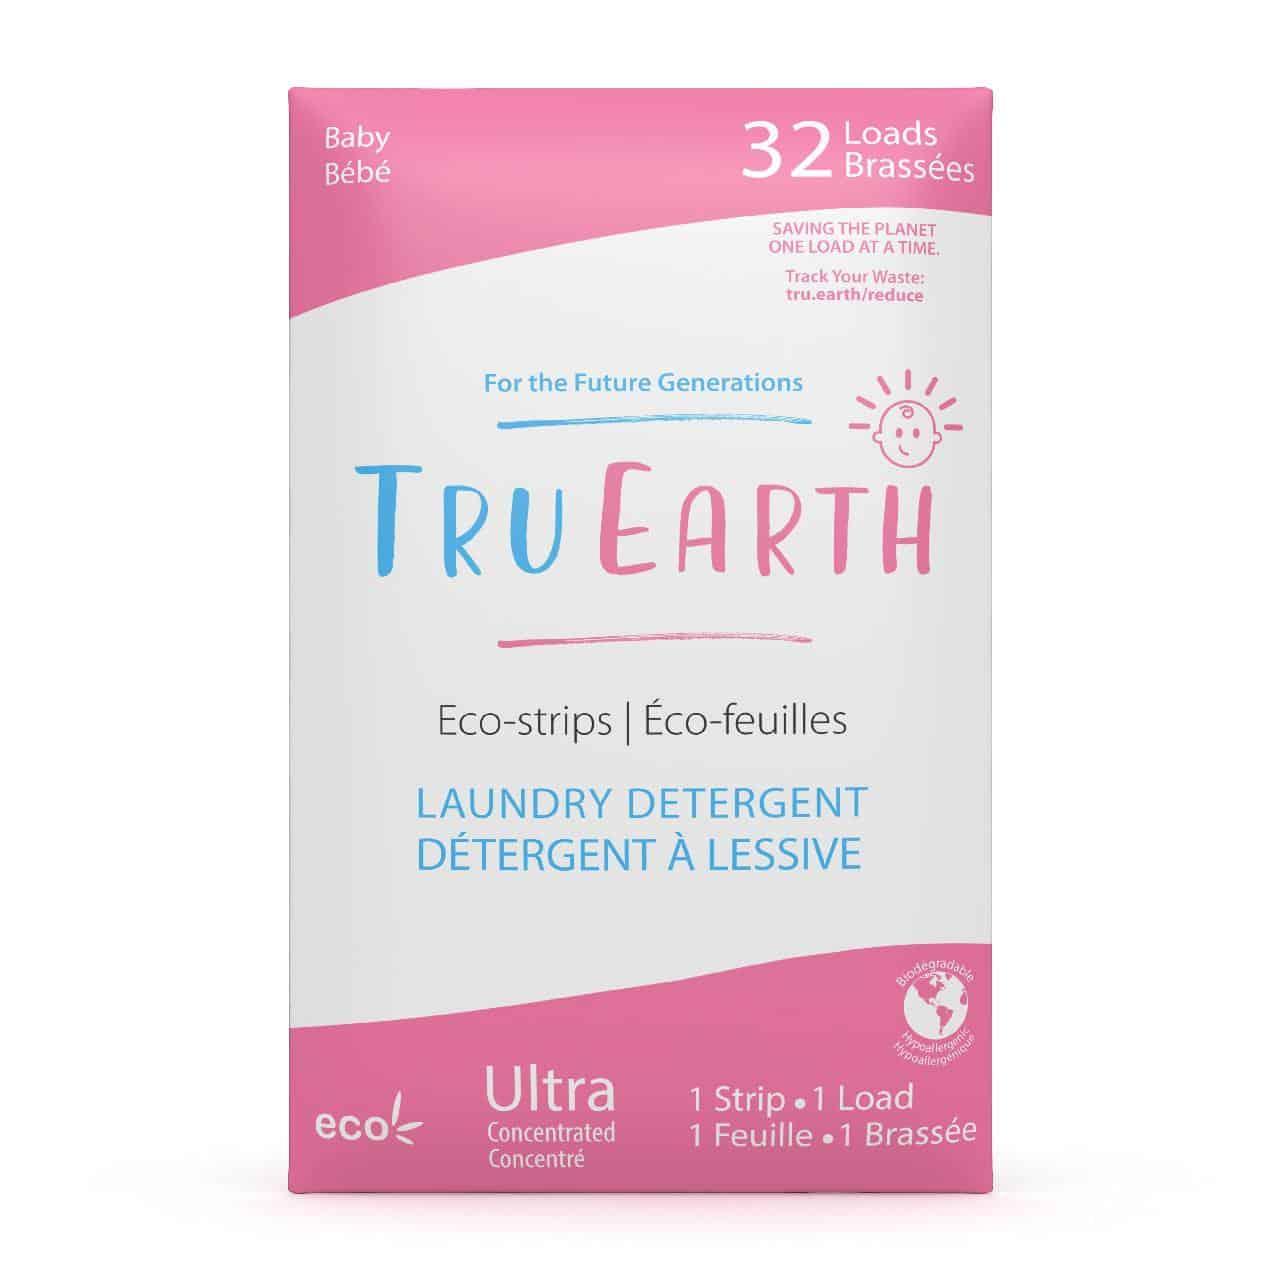 Tru Earth - Tru Earth Eco-strips Laundry Detergent (Baby) – 32 Loads | NOW: $19.95